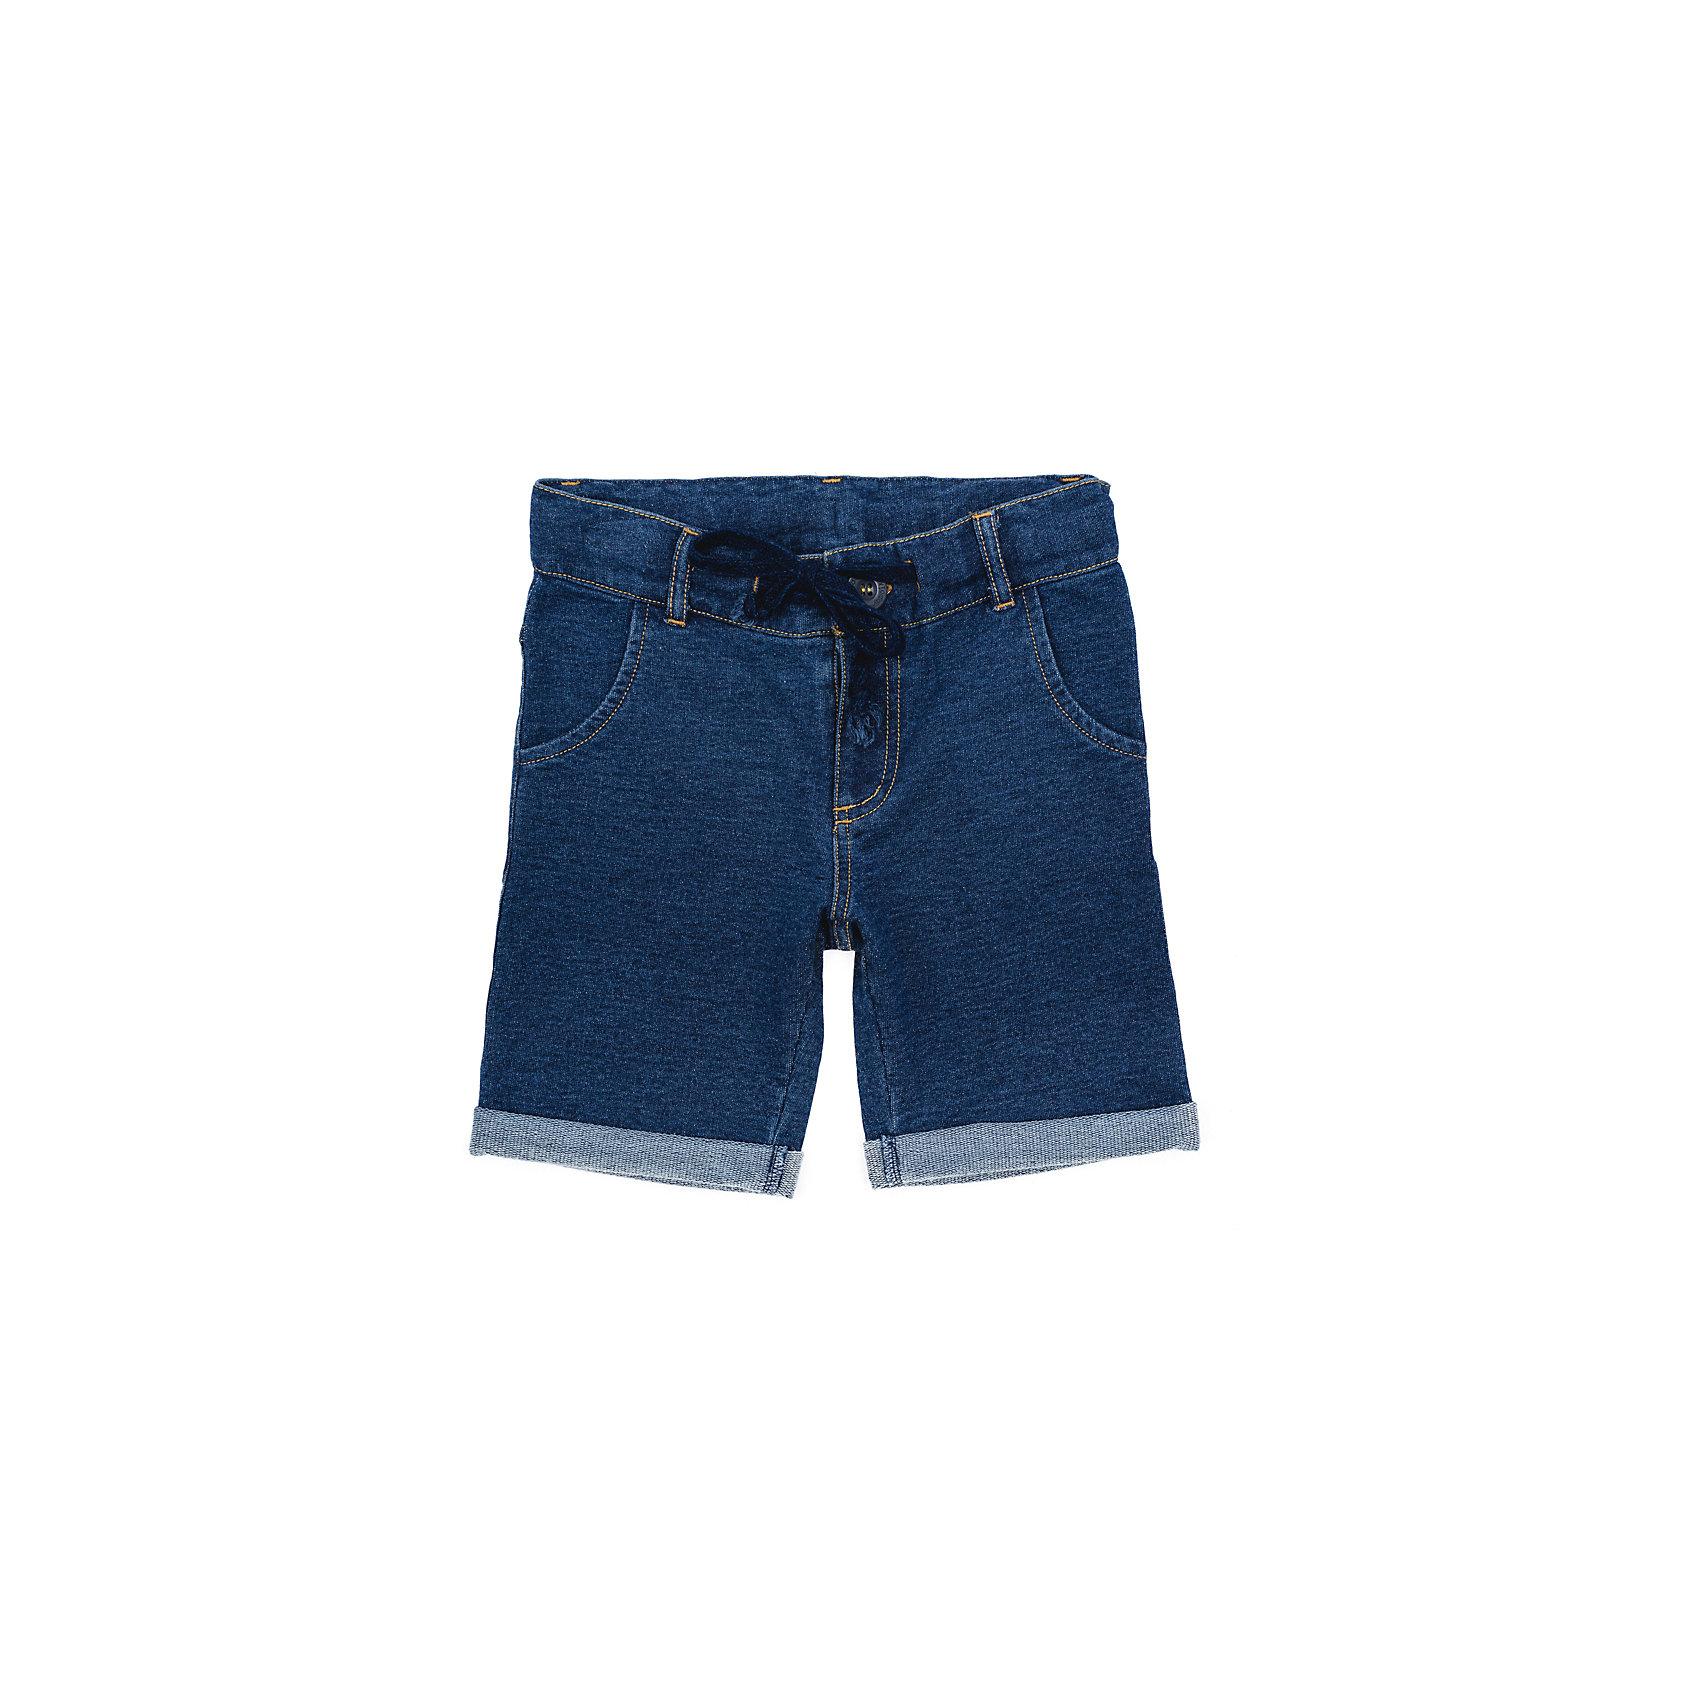 Шорты джинсовые для мальчика PlayTodayДжинсовая одежда<br>Шорты джинсовые для мальчика PlayToday<br>Удлиненные шорты из смесовой ткани прекрасно подойдут для отдыха и прогулок. Модель мягкой резинке со шлевками и с регулируемым шнуром - кулиской.Преимущества: Свободный классический крой не сковывает движения ребенкаМодель со шлевками, при необходимости можно использовать ремень<br>Состав:<br>70% хлопок, 30% полиэстер<br><br>Ширина мм: 191<br>Глубина мм: 10<br>Высота мм: 175<br>Вес г: 273<br>Цвет: синий<br>Возраст от месяцев: 84<br>Возраст до месяцев: 96<br>Пол: Мужской<br>Возраст: Детский<br>Размер: 128,98,104,110,116,122<br>SKU: 5403431